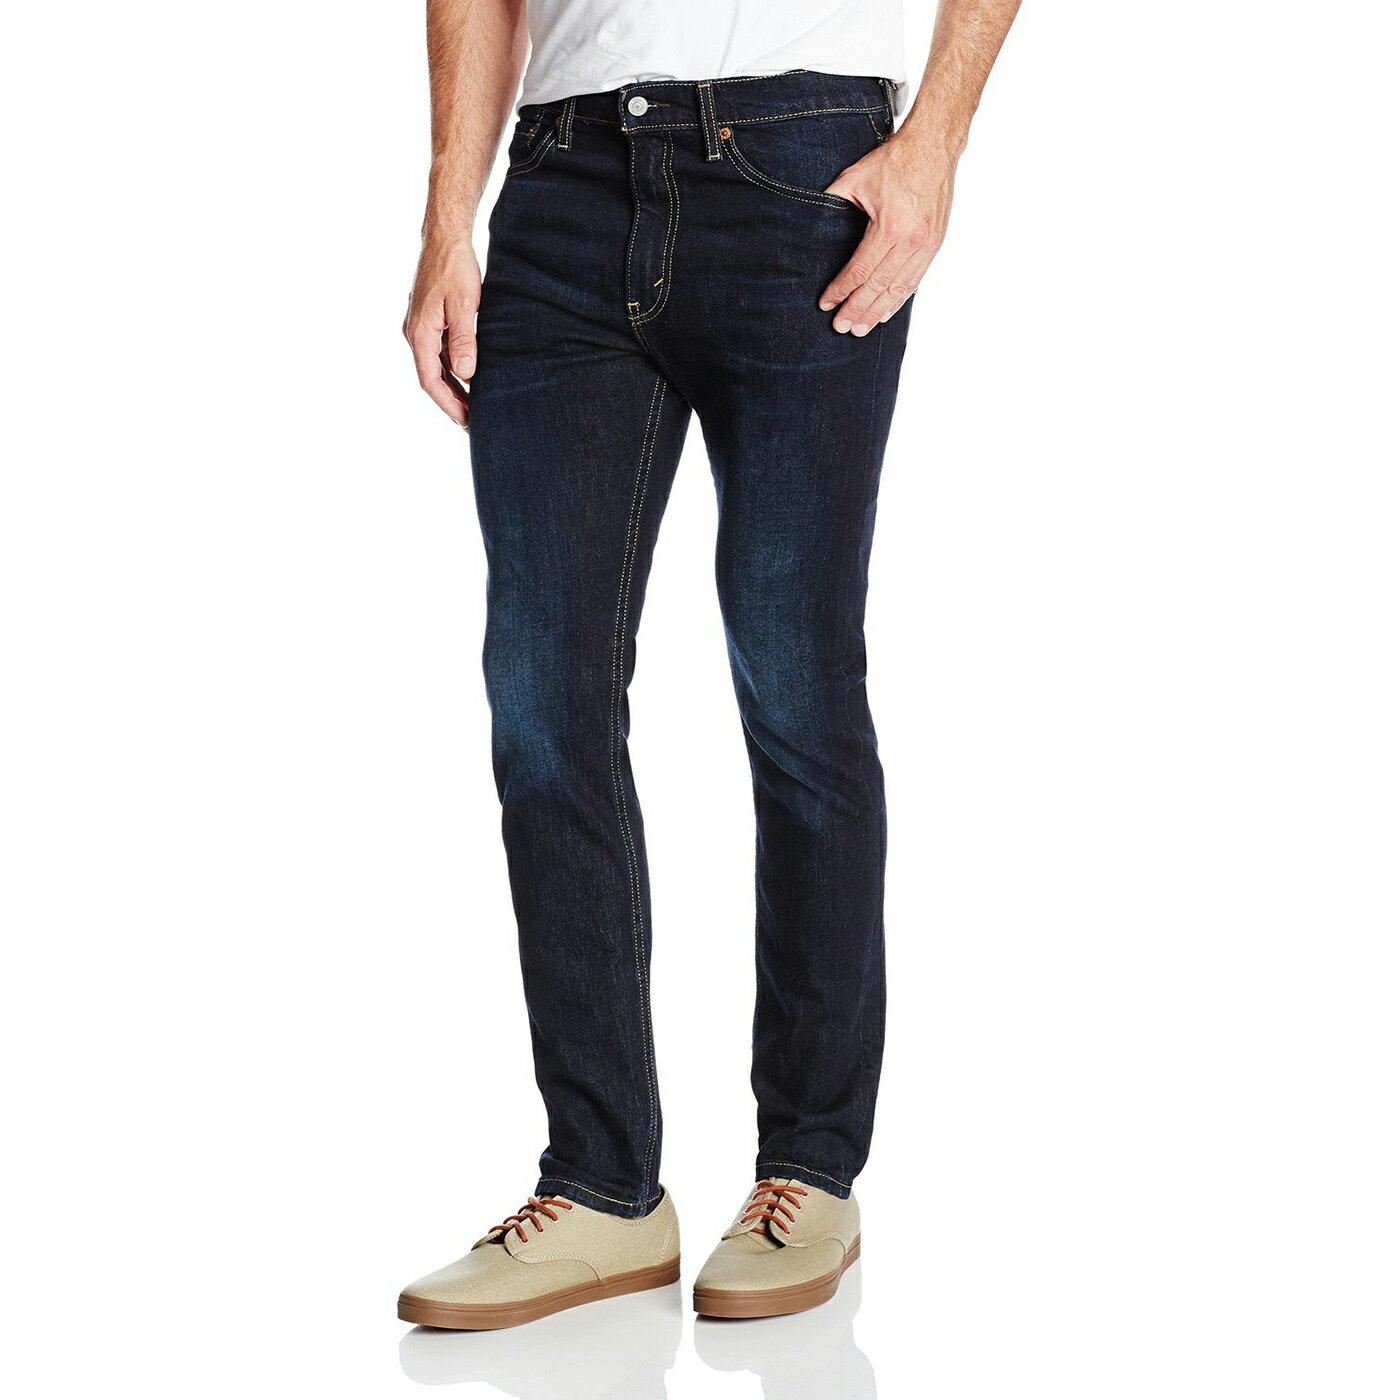 美國百分百【全新真品】Levis 510 Skinny Fit 男 牛仔褲 直筒 修身 窄版 單寧 深藍 刷白 28 29腰 E283